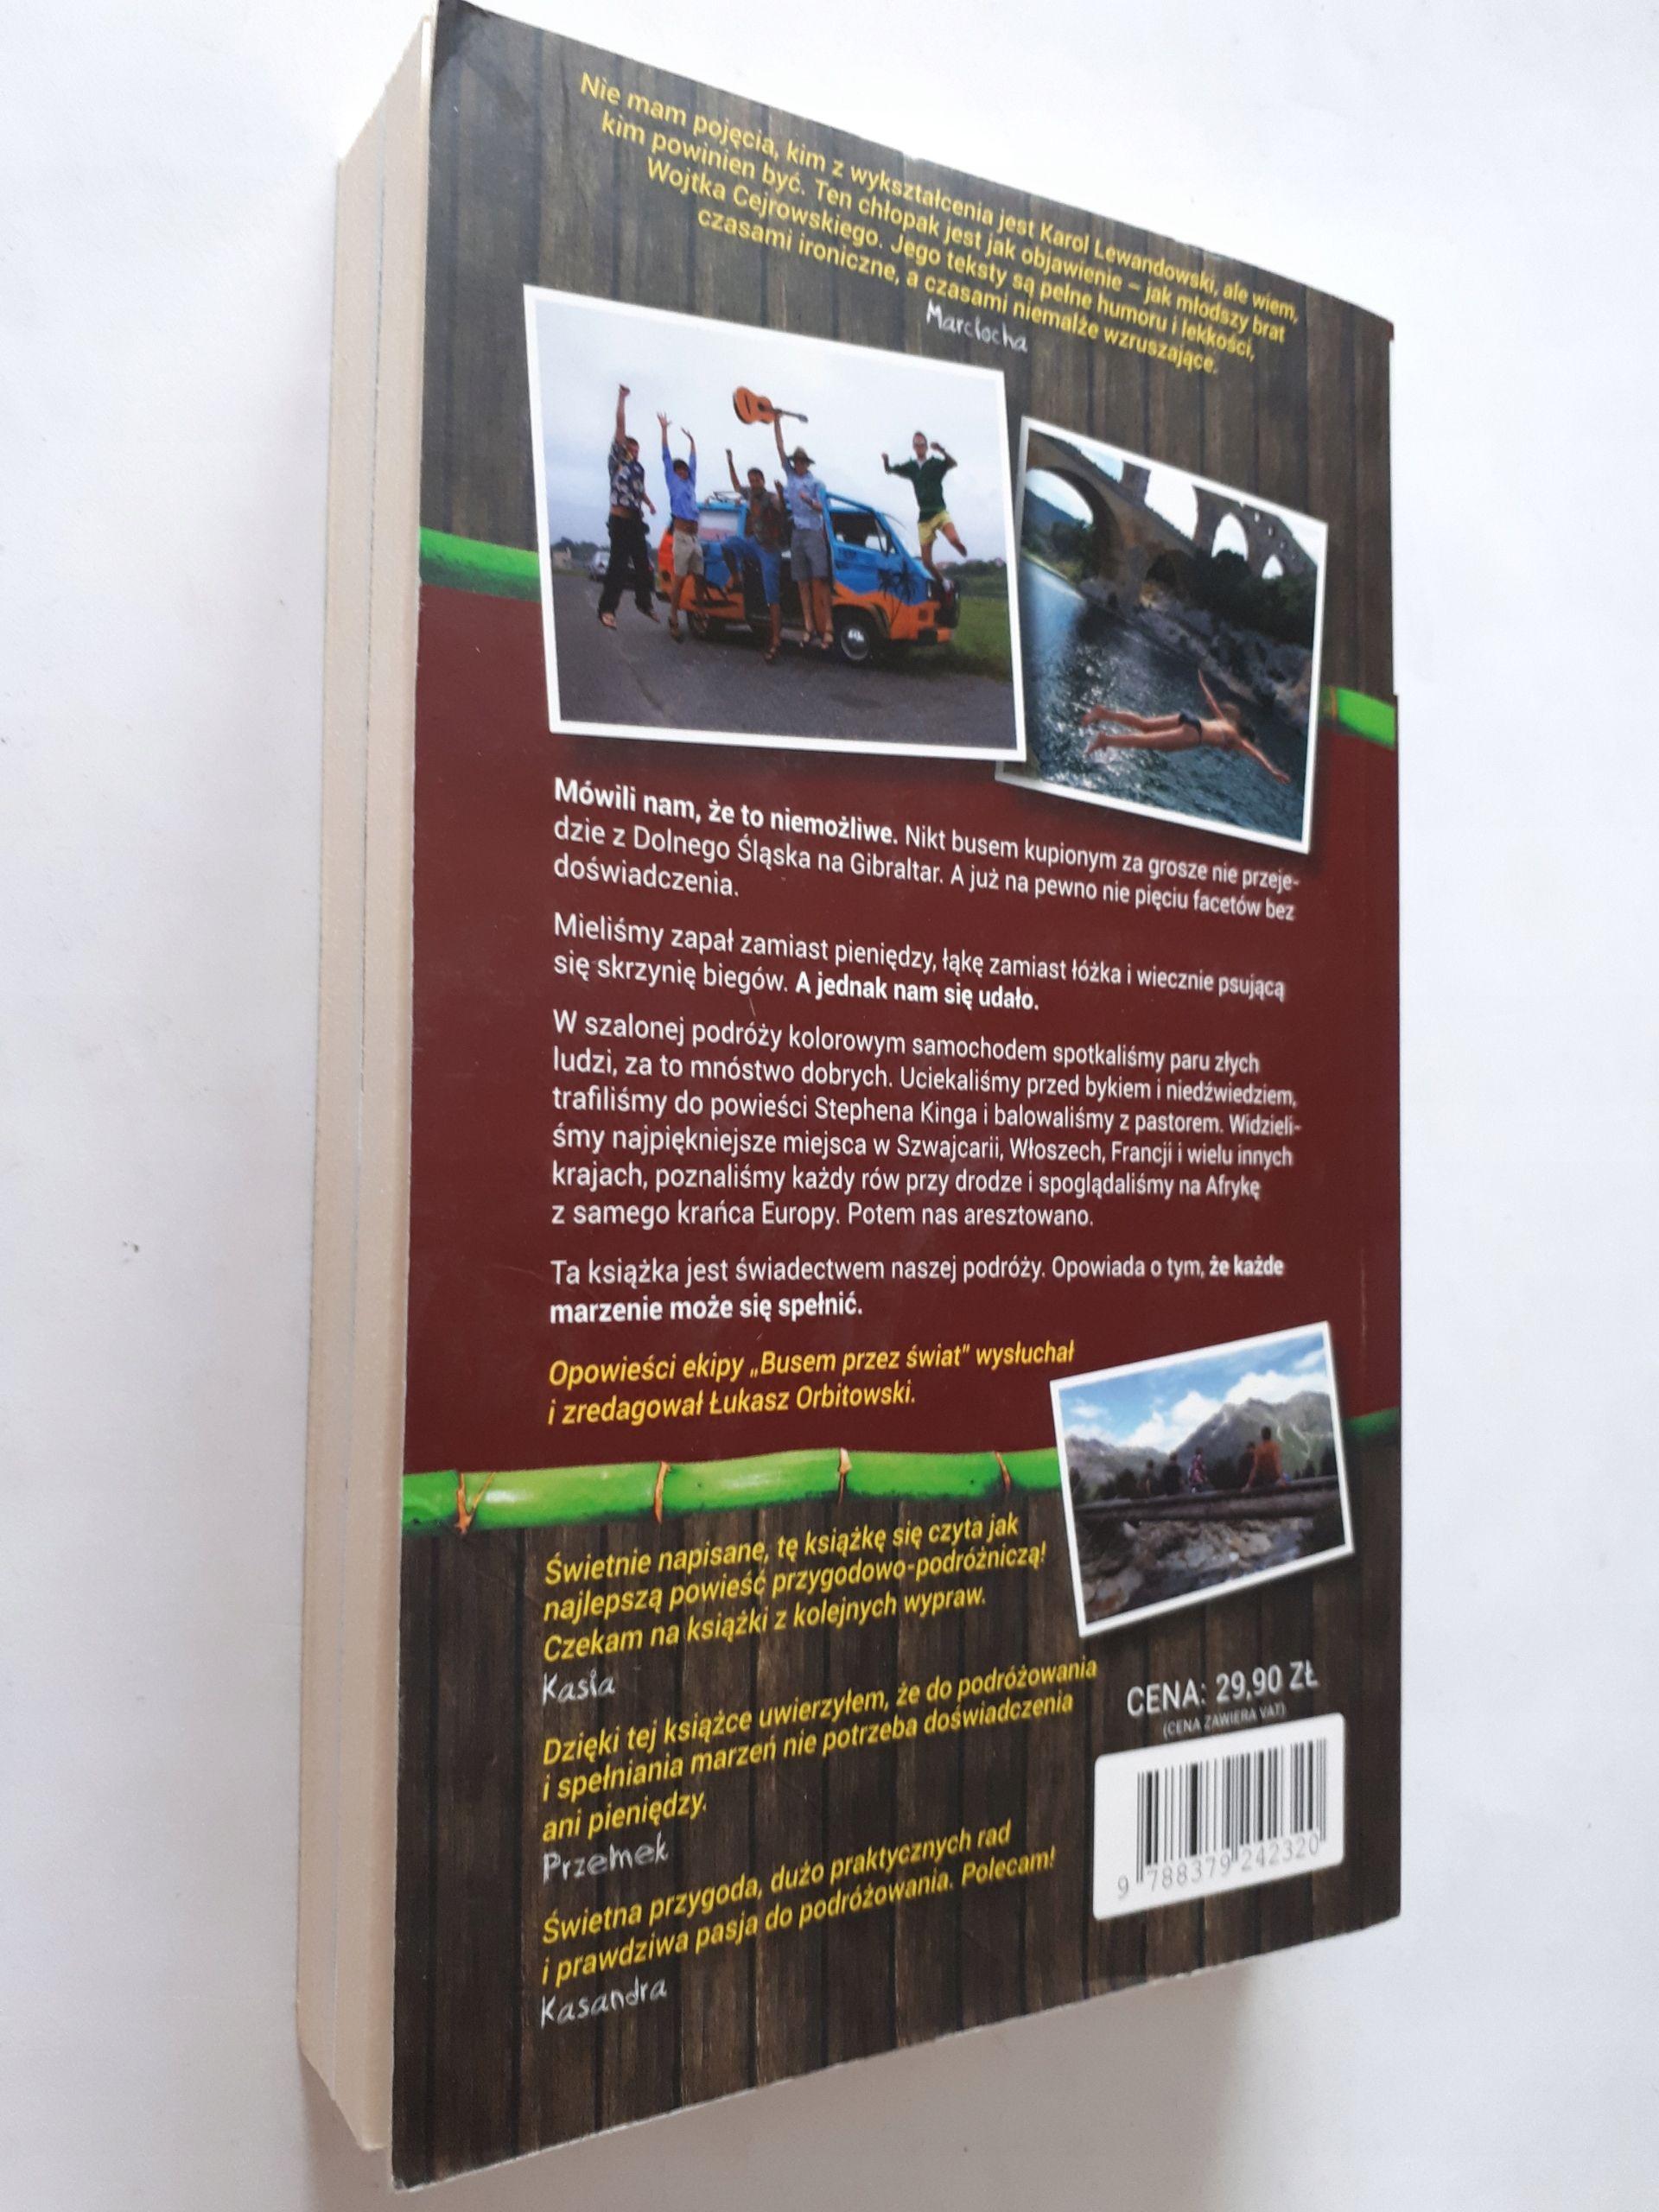 Busem Przez Swiat Wyprawa Pierwsza M8 7461324063 Oficjalne Archiwum Allegro Book Worth Reading Book Cover Worth Reading